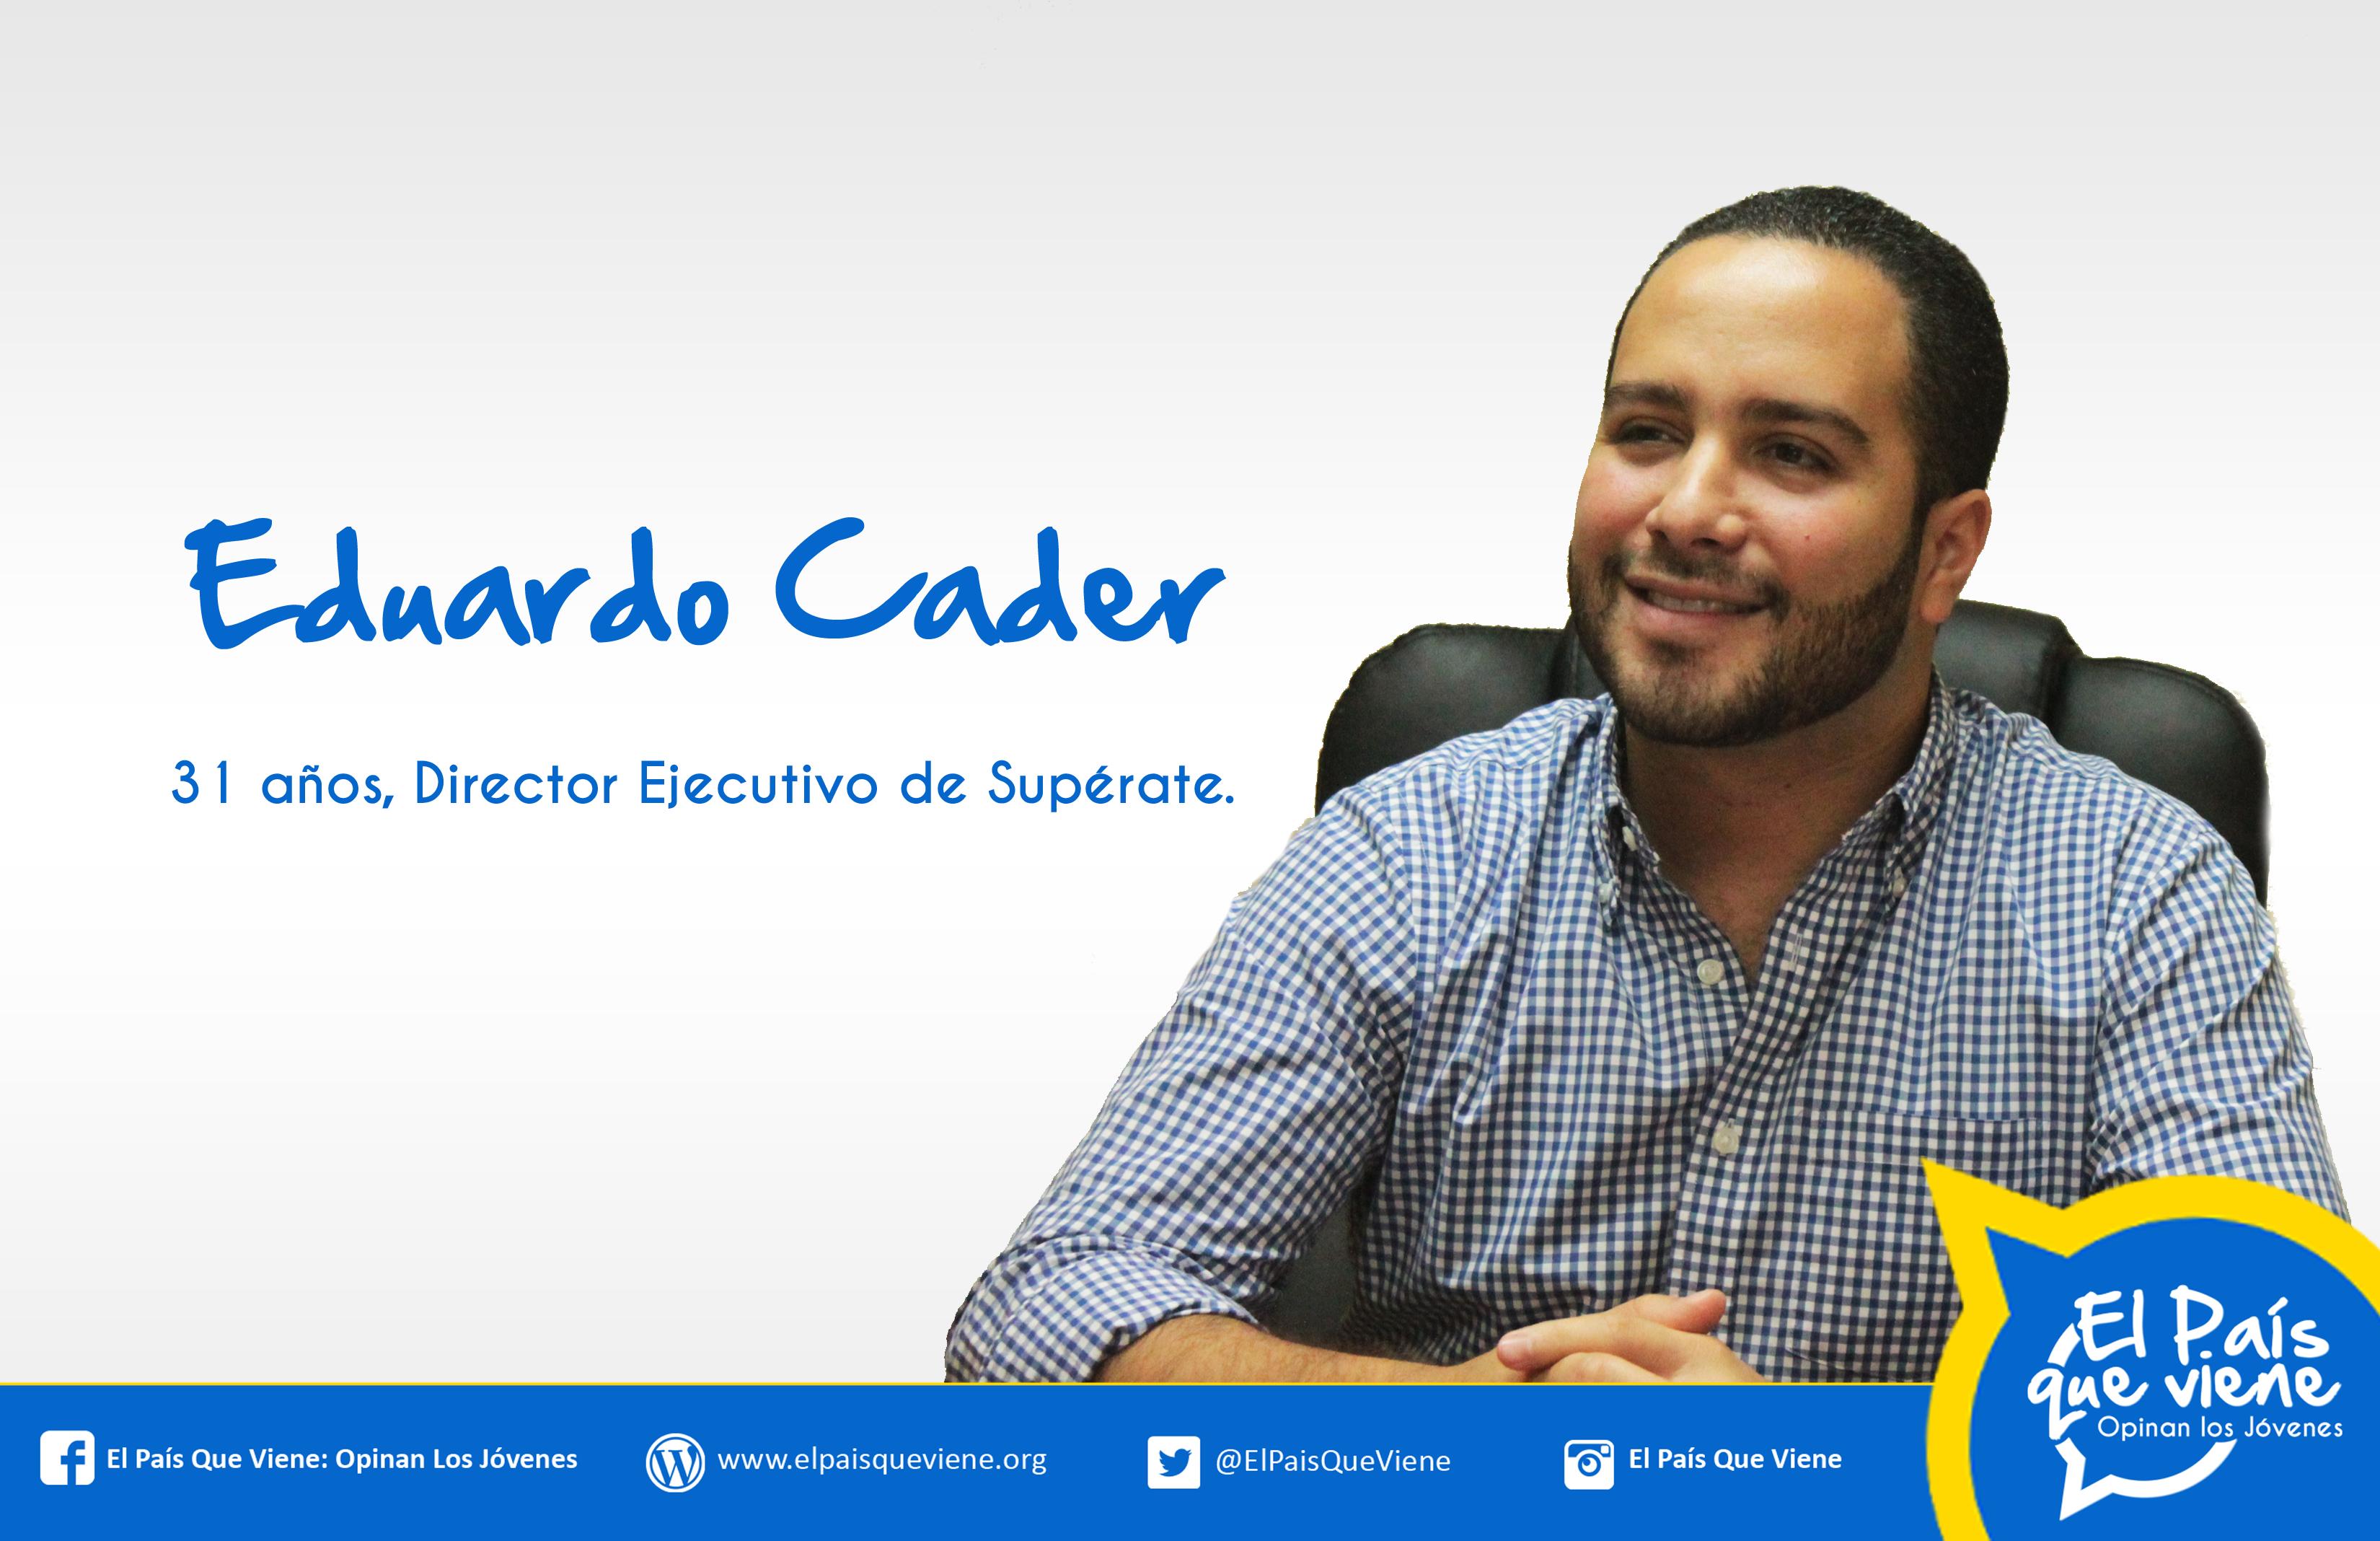 1 Eduardo Cader